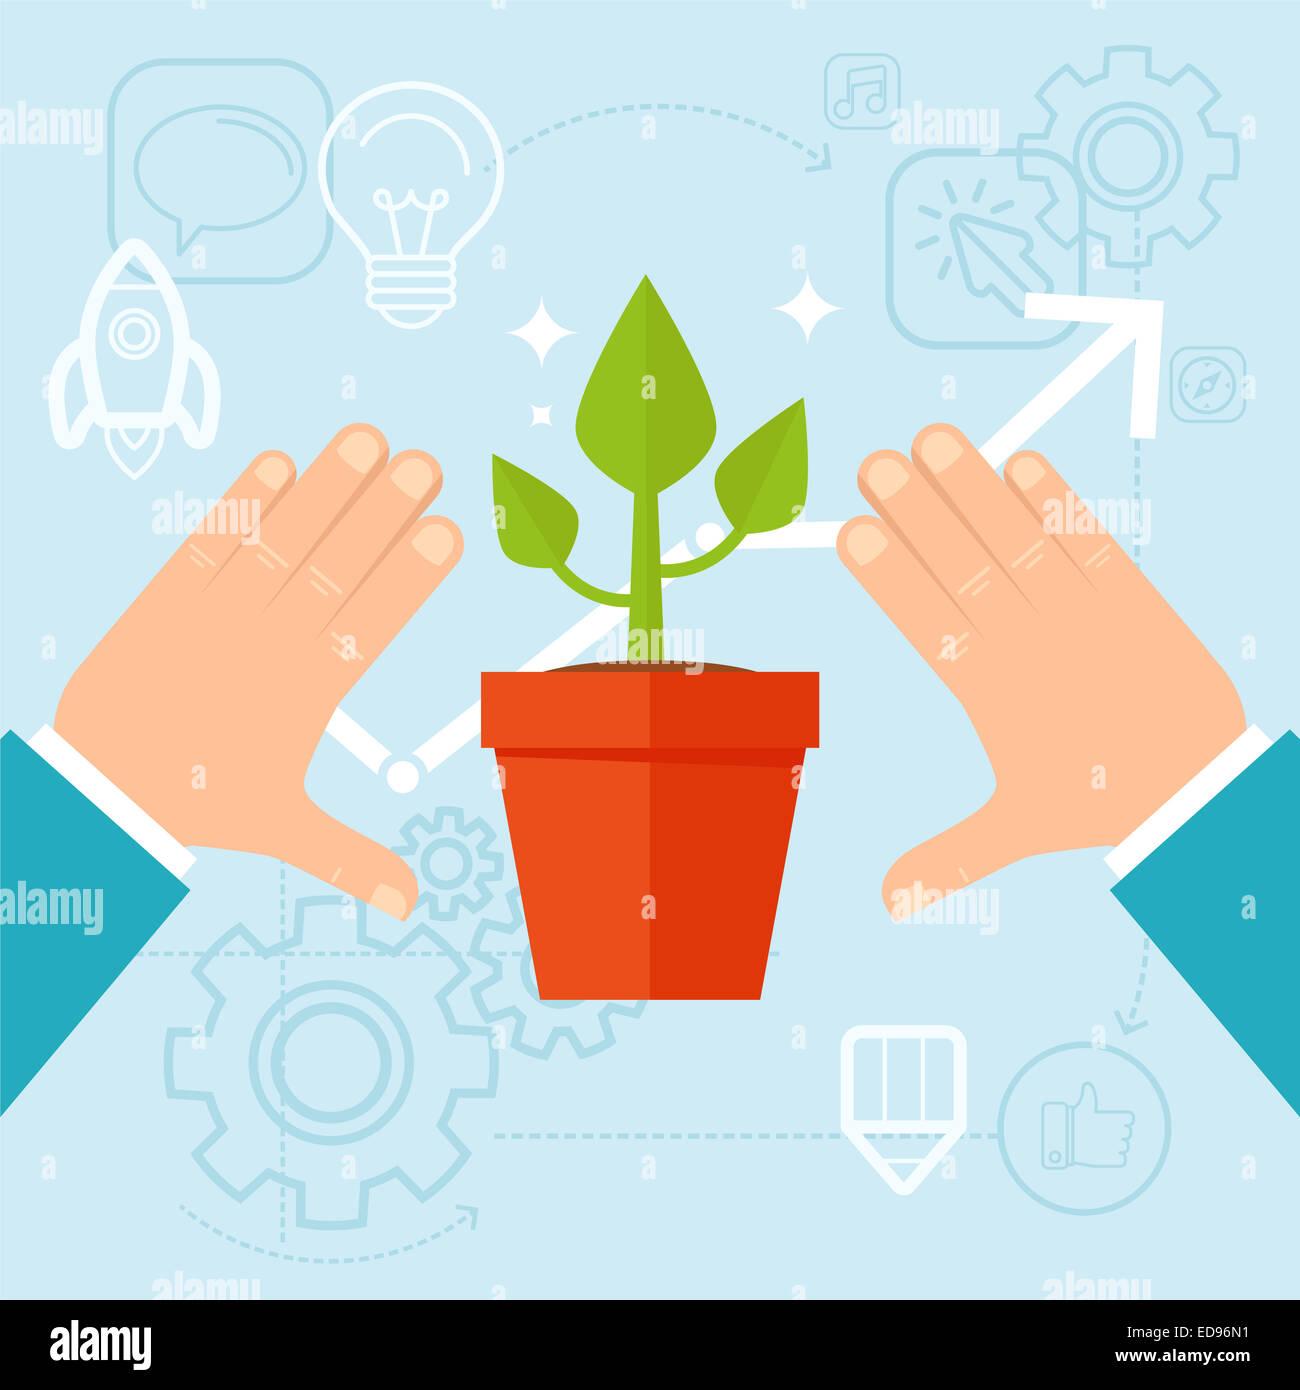 Sviluppo personale concetto di stile piatto - pianta verde e mani umane Immagini Stock